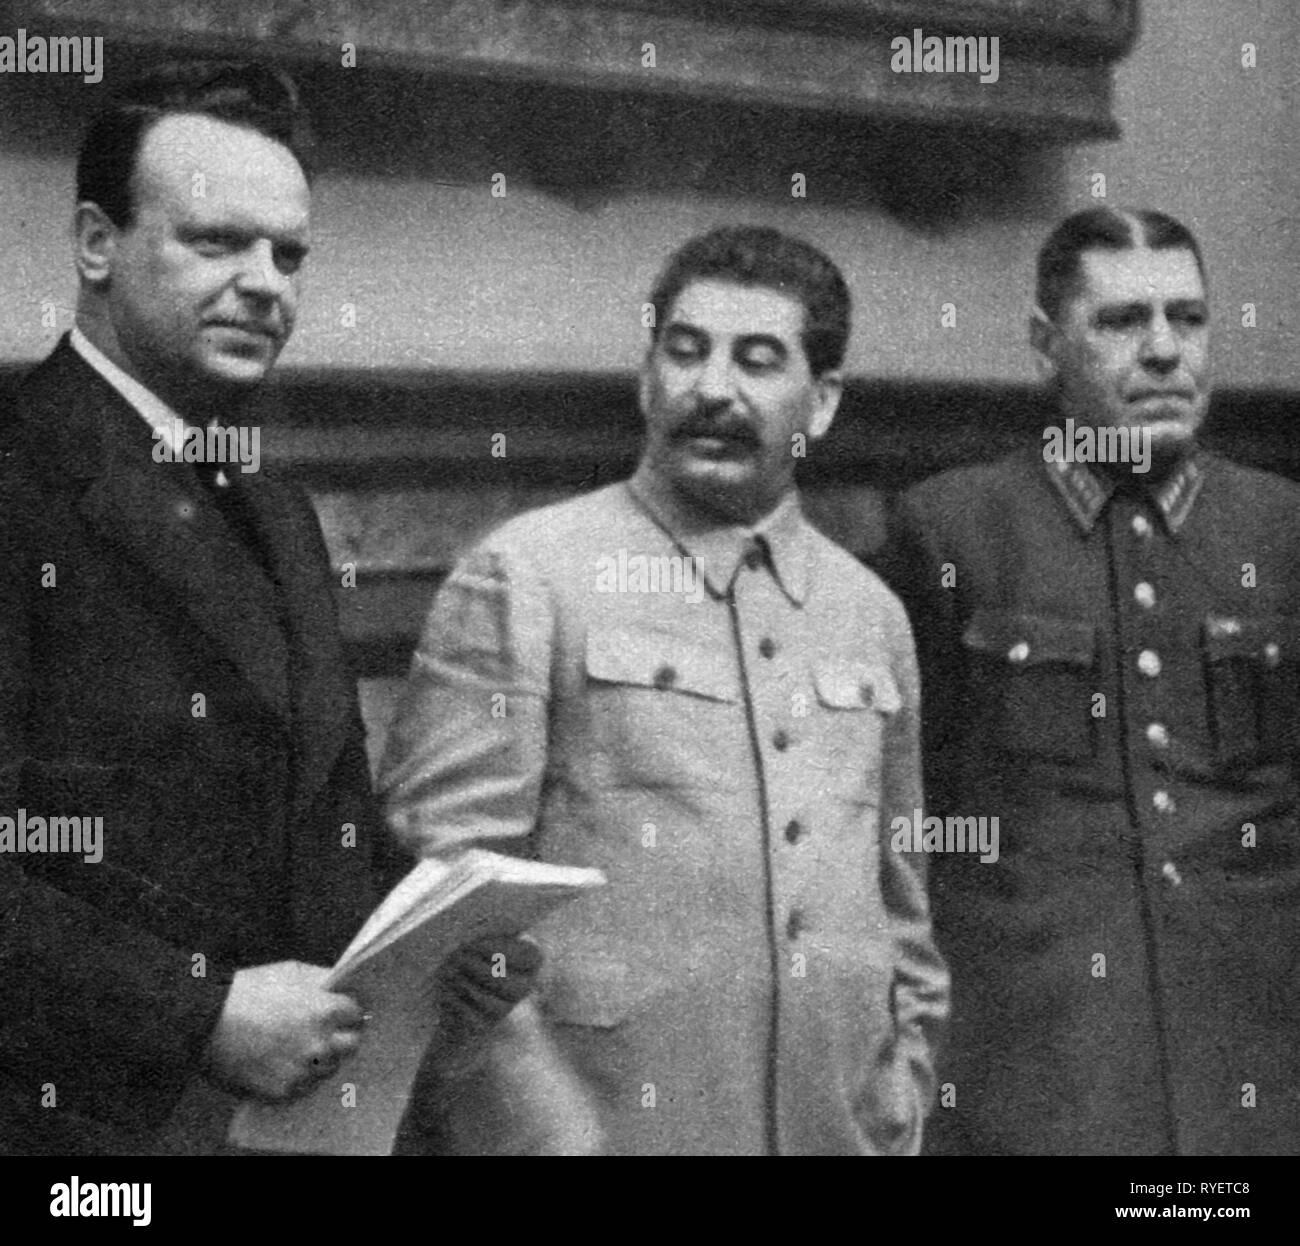 Il nazismo / socialismo nazionale, politica German-Soviet trattato di non aggressione, 1939, dalla sinistra: l'ambasciatore sovietico in Germania Aleksey Shkvarzev, segretario generale la CPSU Joseph Stalin e capo di stato maggiore generale Boris generale Shaposhikov dopo la firma a Mosca, 24.8.1939, tedesco sovietico, Hitler - Stalin - patto Molotov Ribbentrop Patto Ribbentrop - Molotov - patto, patto Molotov-Ribbentrop, diplomazia, politica estera, politica estera, Russia, Unione Sovietica, URSS, Unione delle Repubbliche socialiste sovietiche, Germania Reich tedesco, Terzo Reich, persone , Additional-Rights-Clearance-Info-Not-Available Immagini Stock